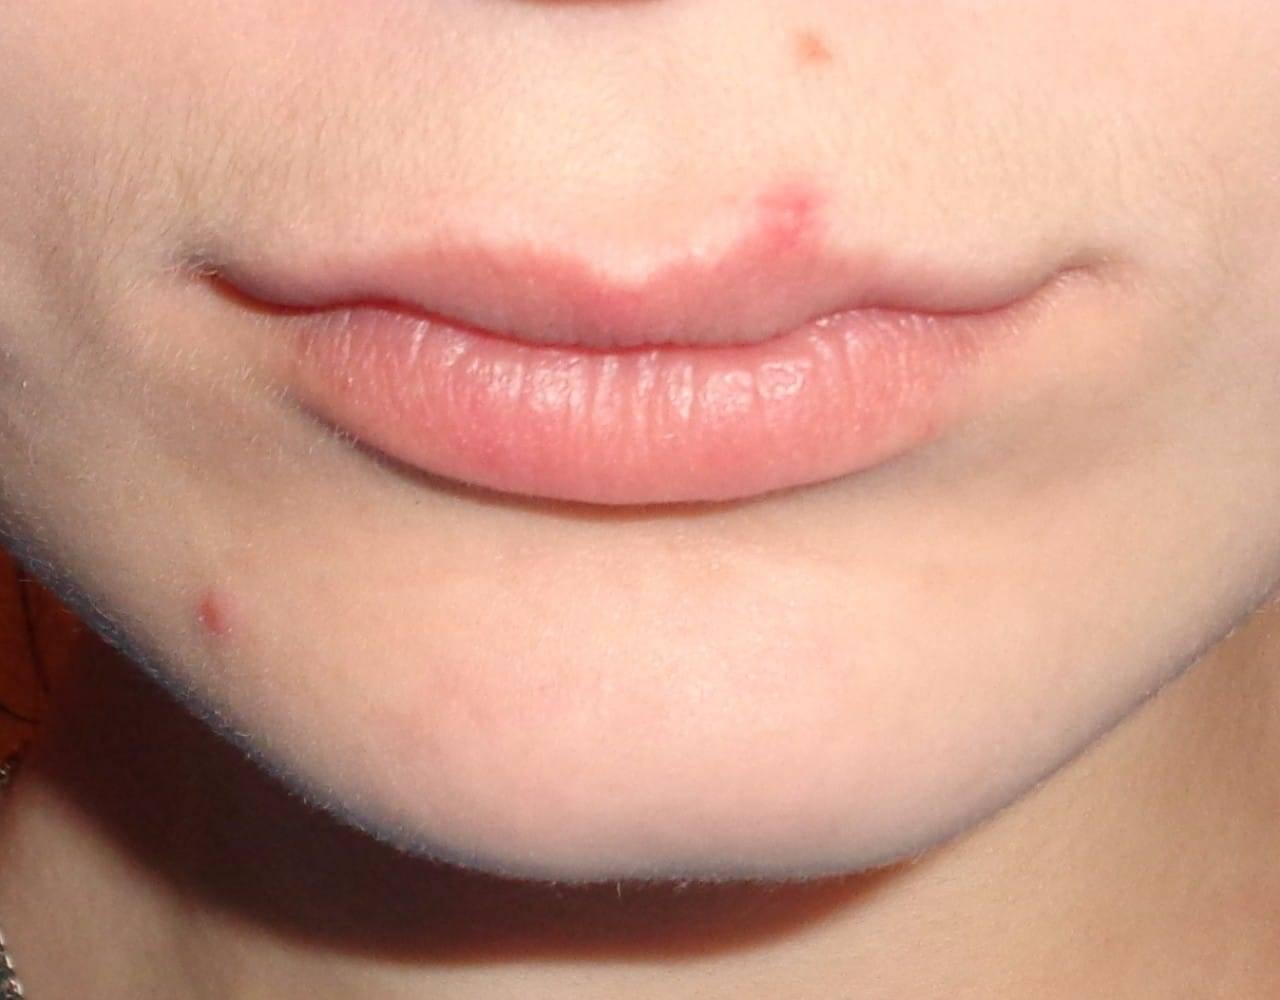 О чем говорят родинки в области губ